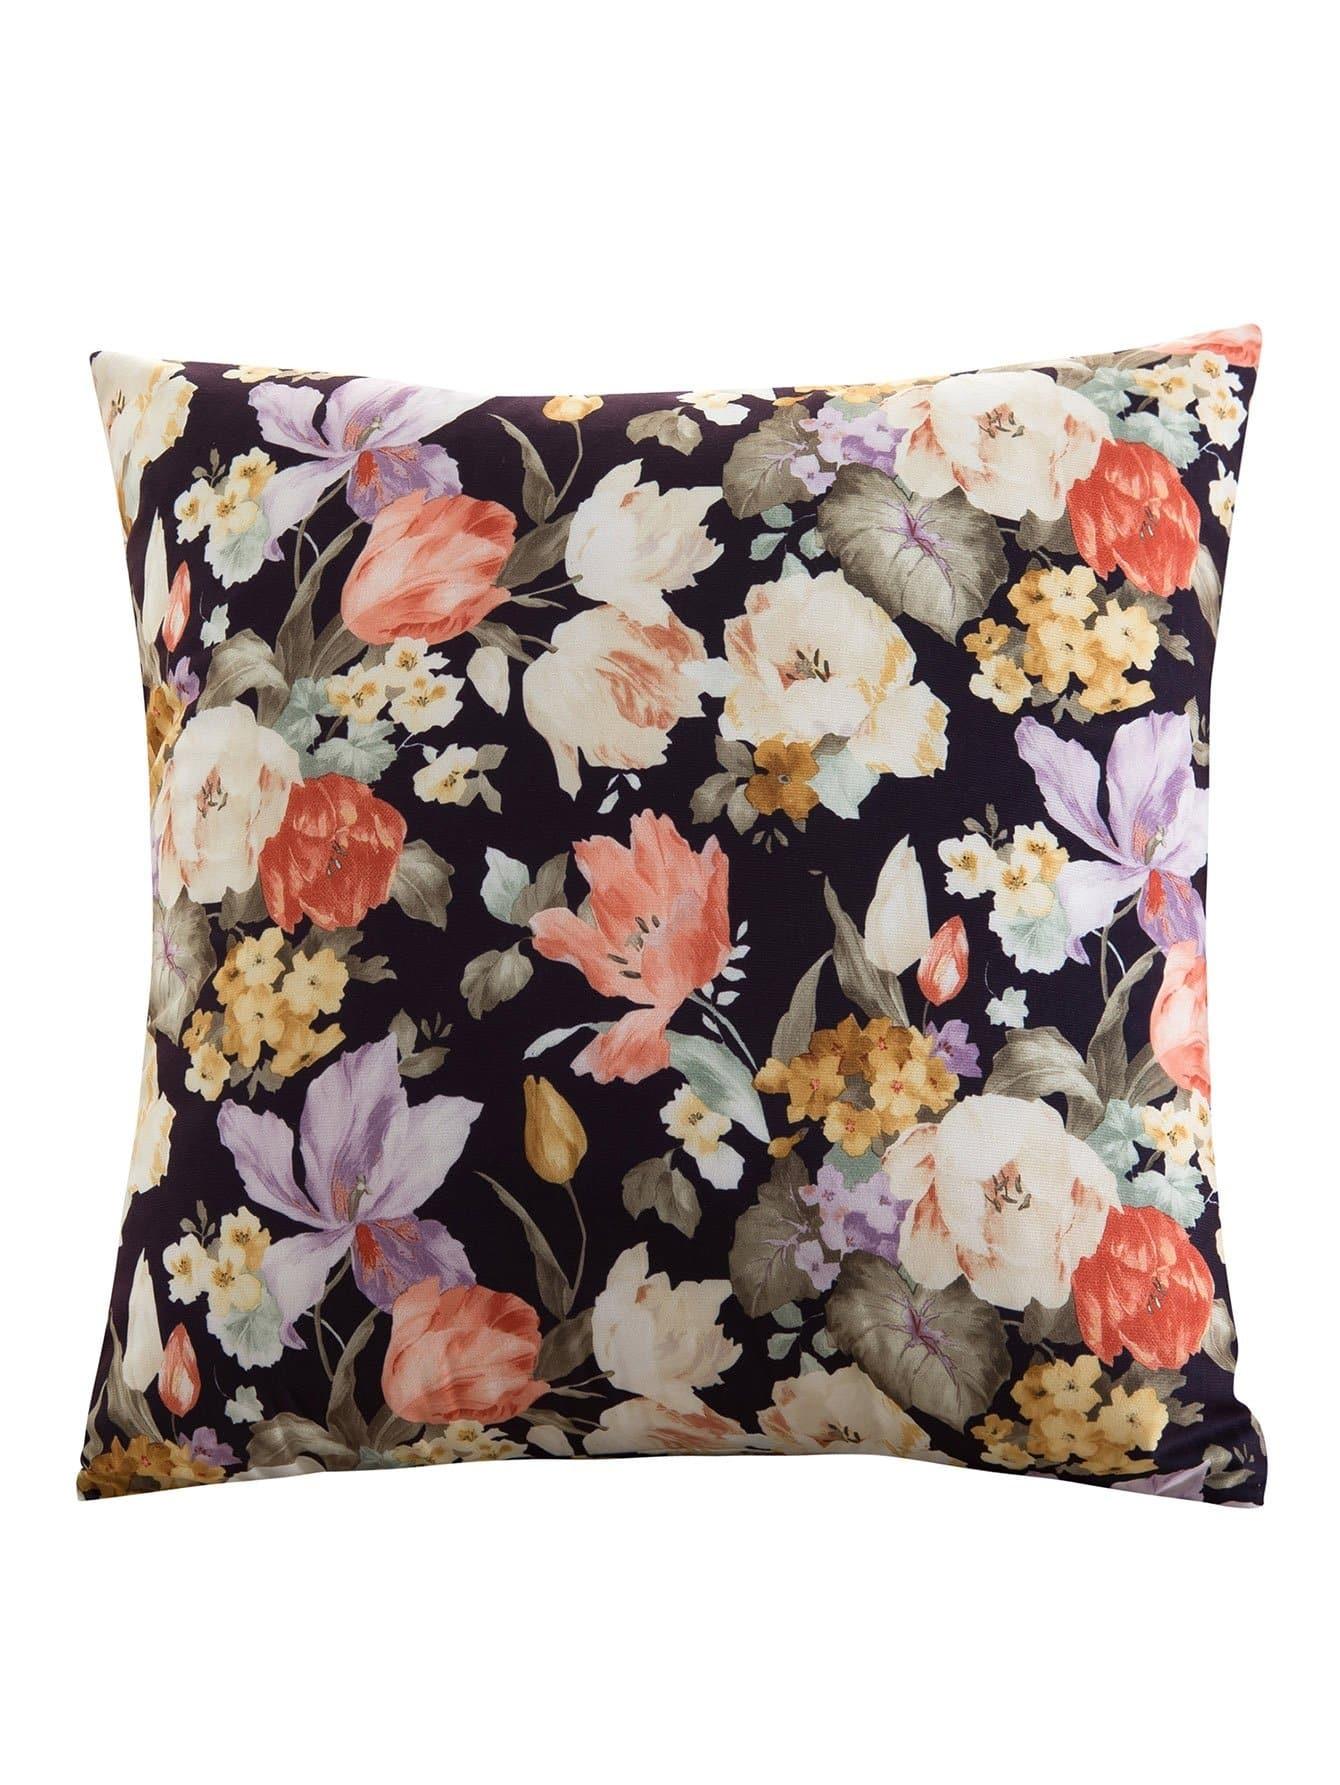 Allover Flower Pillowcase Cover 1PC